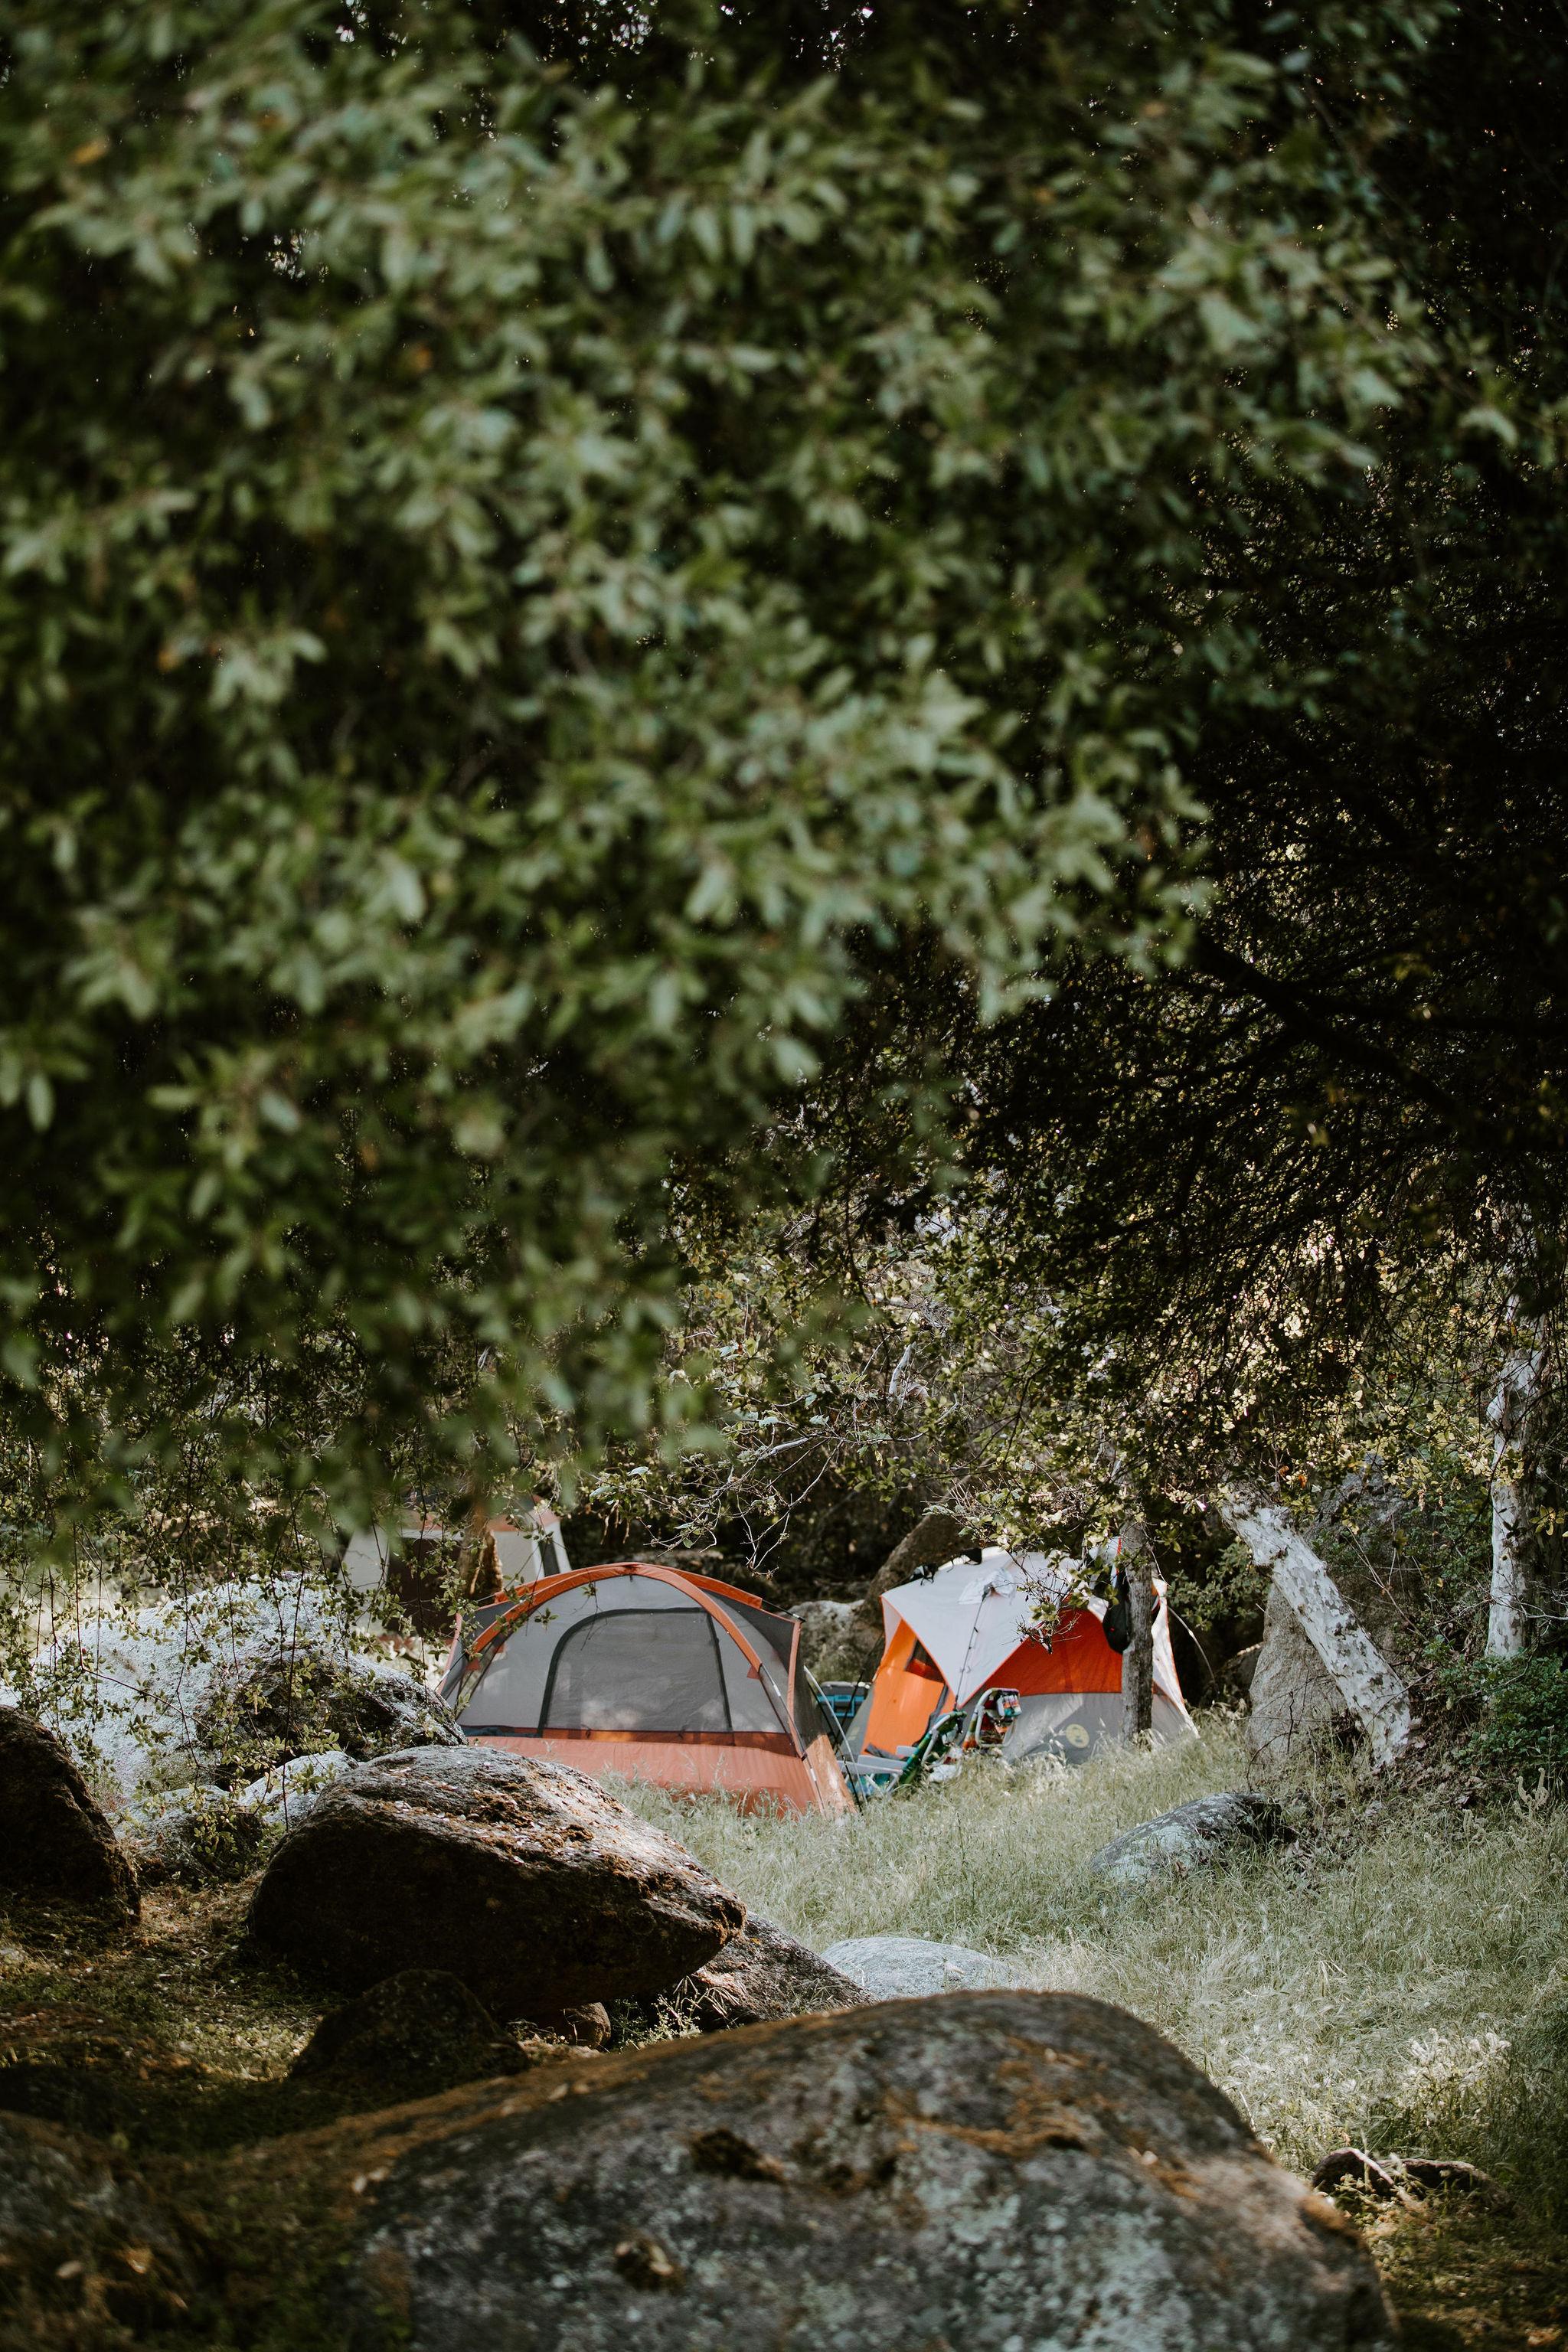 RedwoodRanch_Geoff&LyndsiPhotography_Mike&Amanda_GettingReady92.jpg